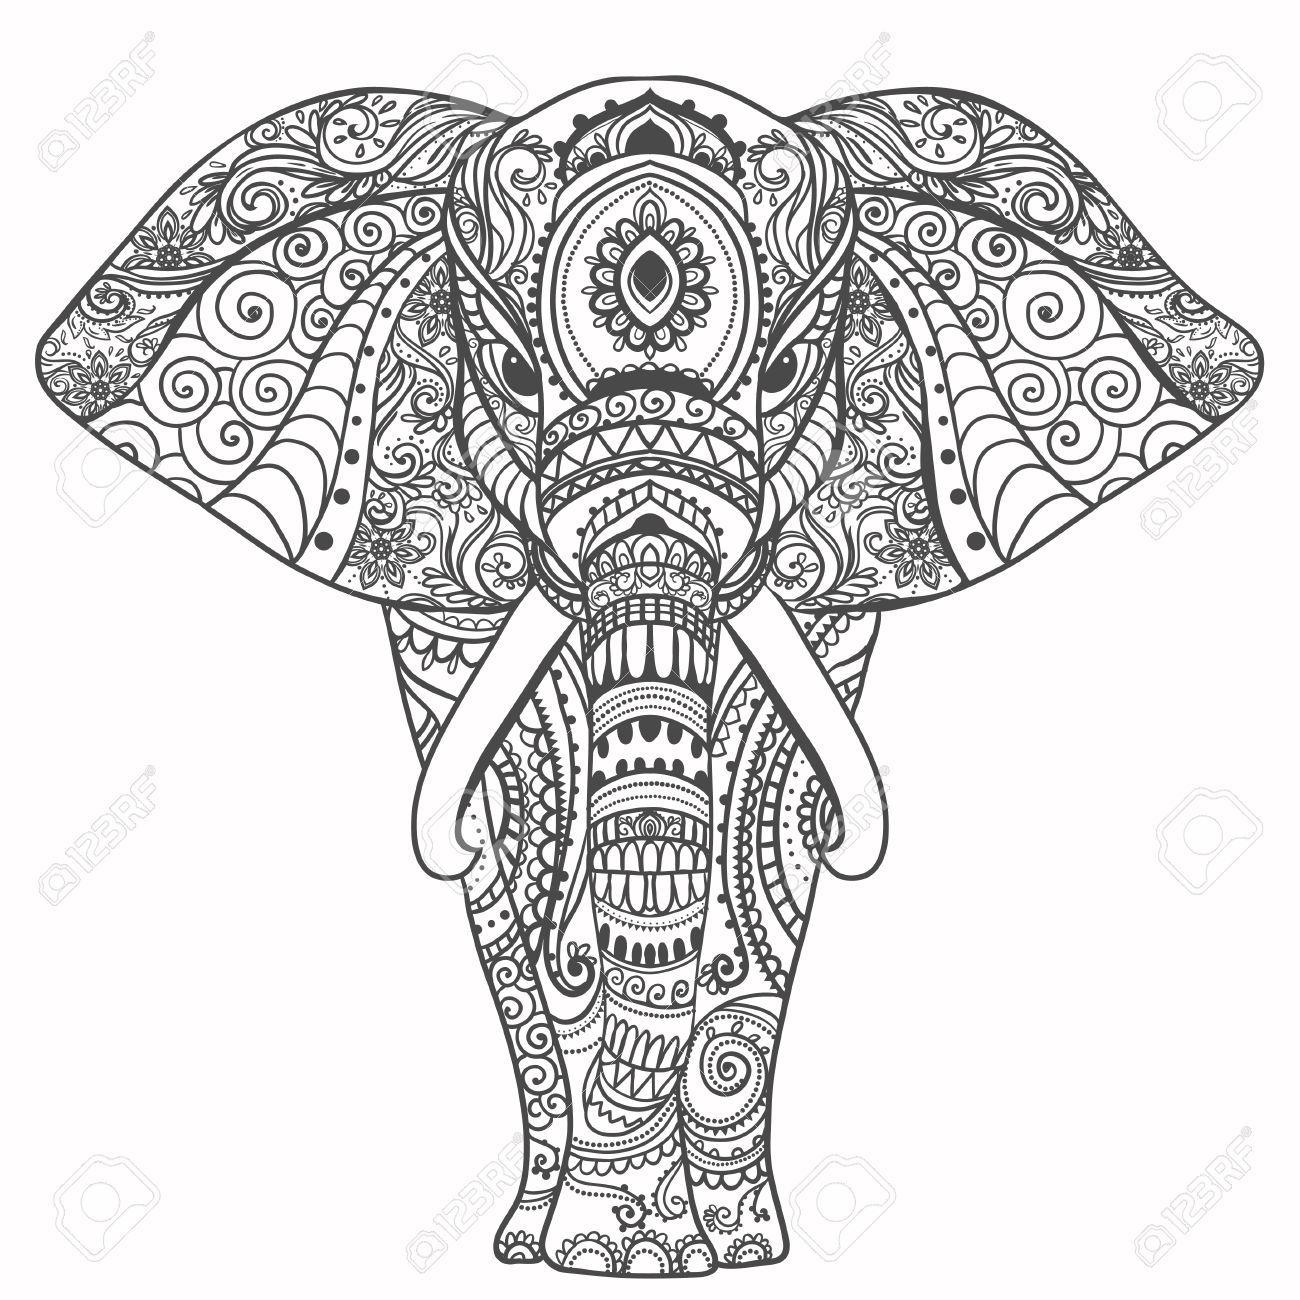 50314395 Saludo Tarjeta Hermosa Con El Elefante Marco De Animales Hizo En El Vector Tarjetas Perfectas O Para Foto De Arc Mandala Tiere Elefant Kunstproduktion